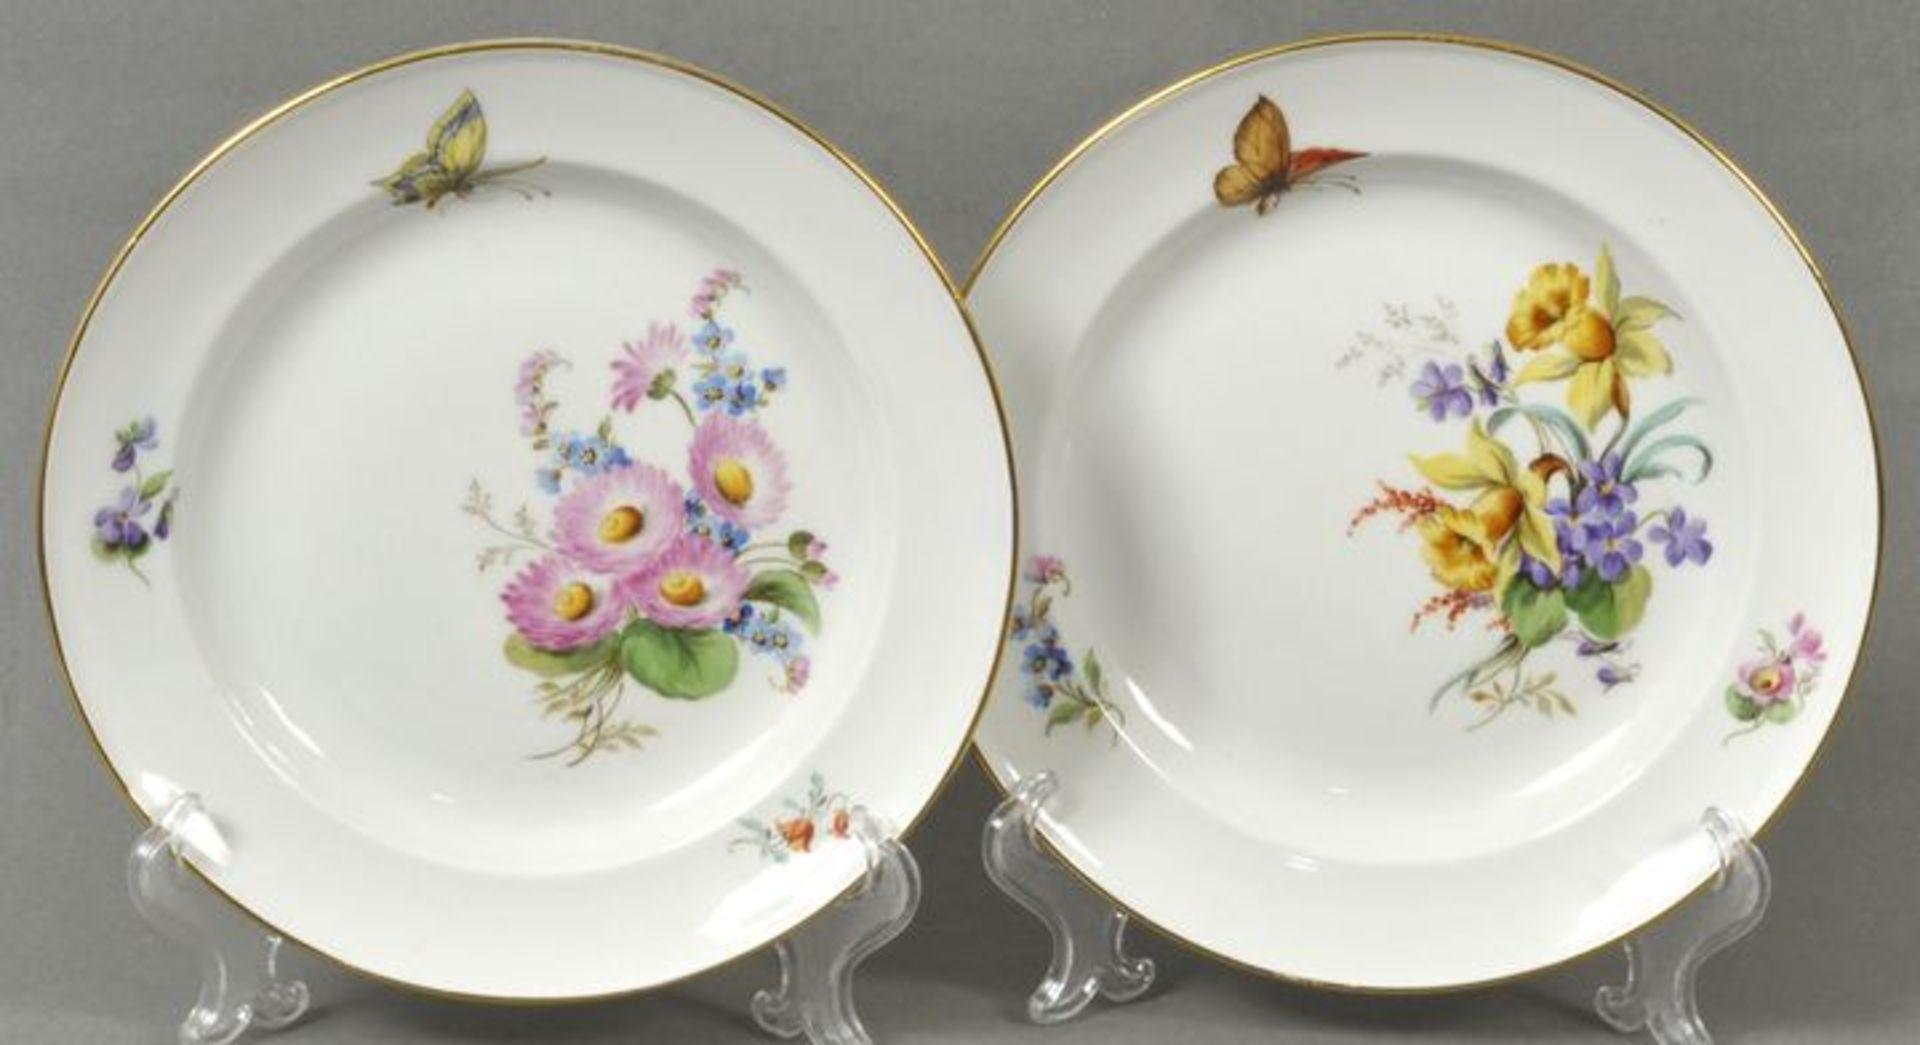 Los 39 - Paar Teller, Meissen, Mitte 20. Jh.Glattrandige Form, in Hausmalerei dekoriert mit seitlichen...